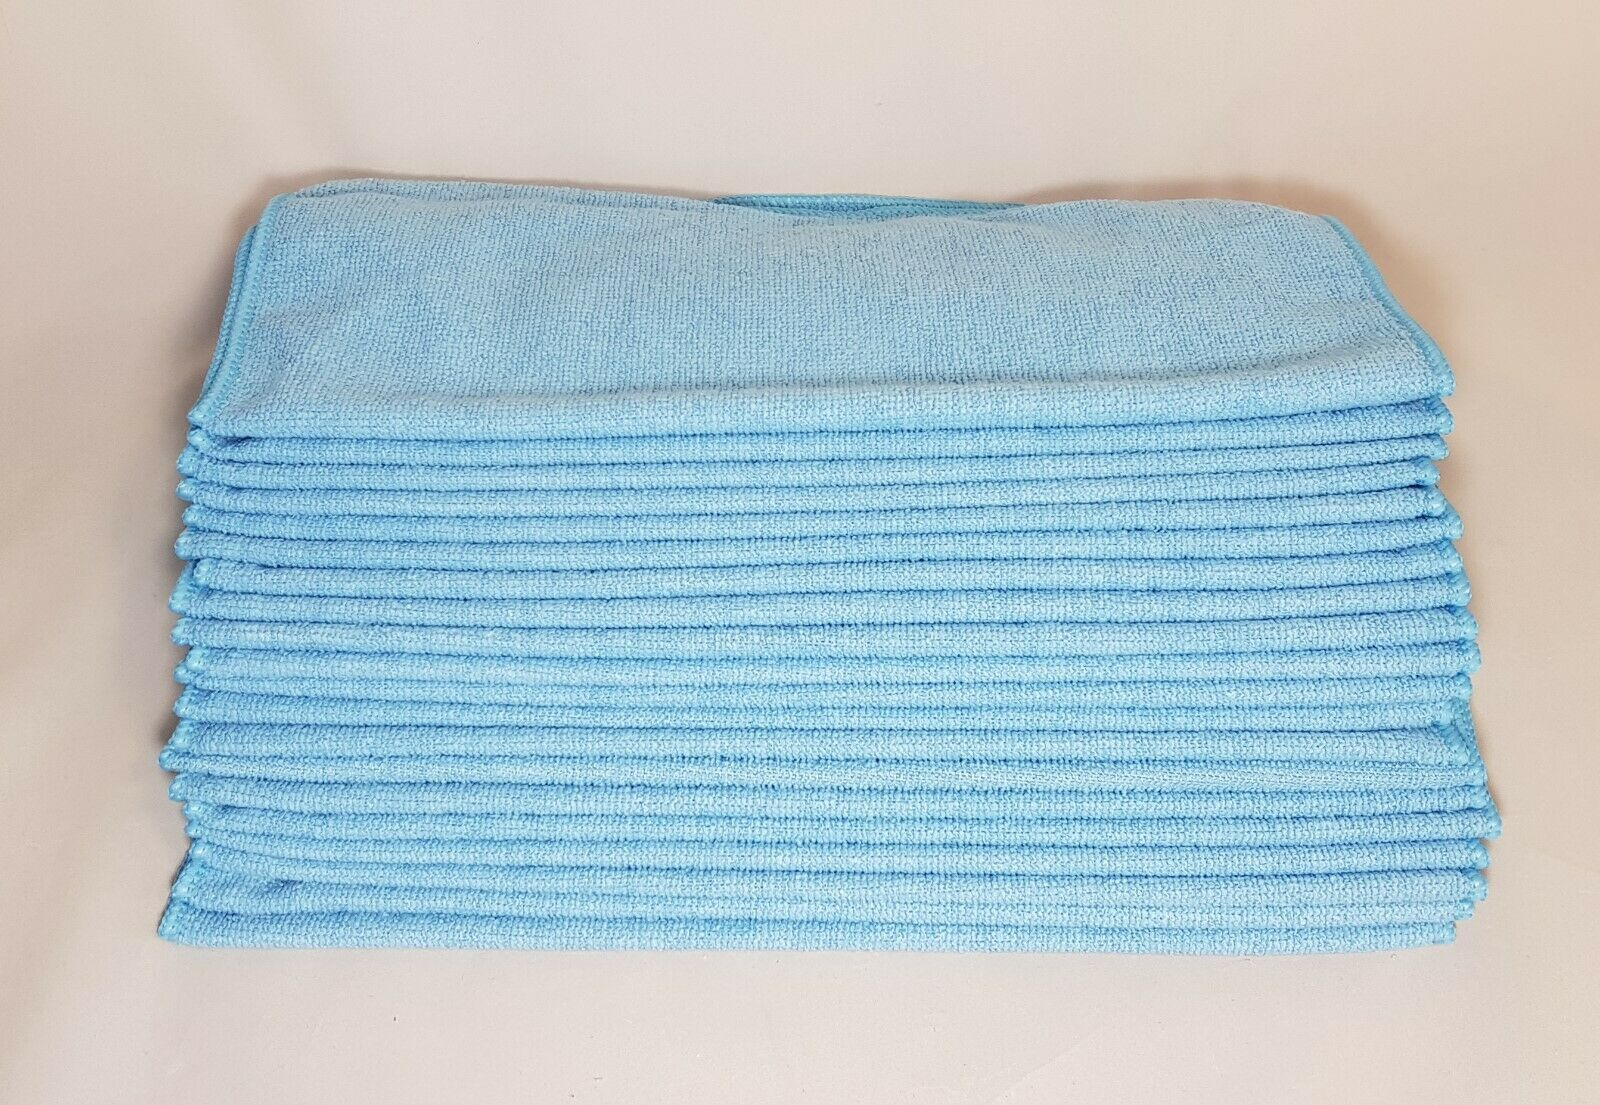 Mikrofasertücher 20 Stk. 40x40 cm blau Mikrofasertuch Microfasertücher